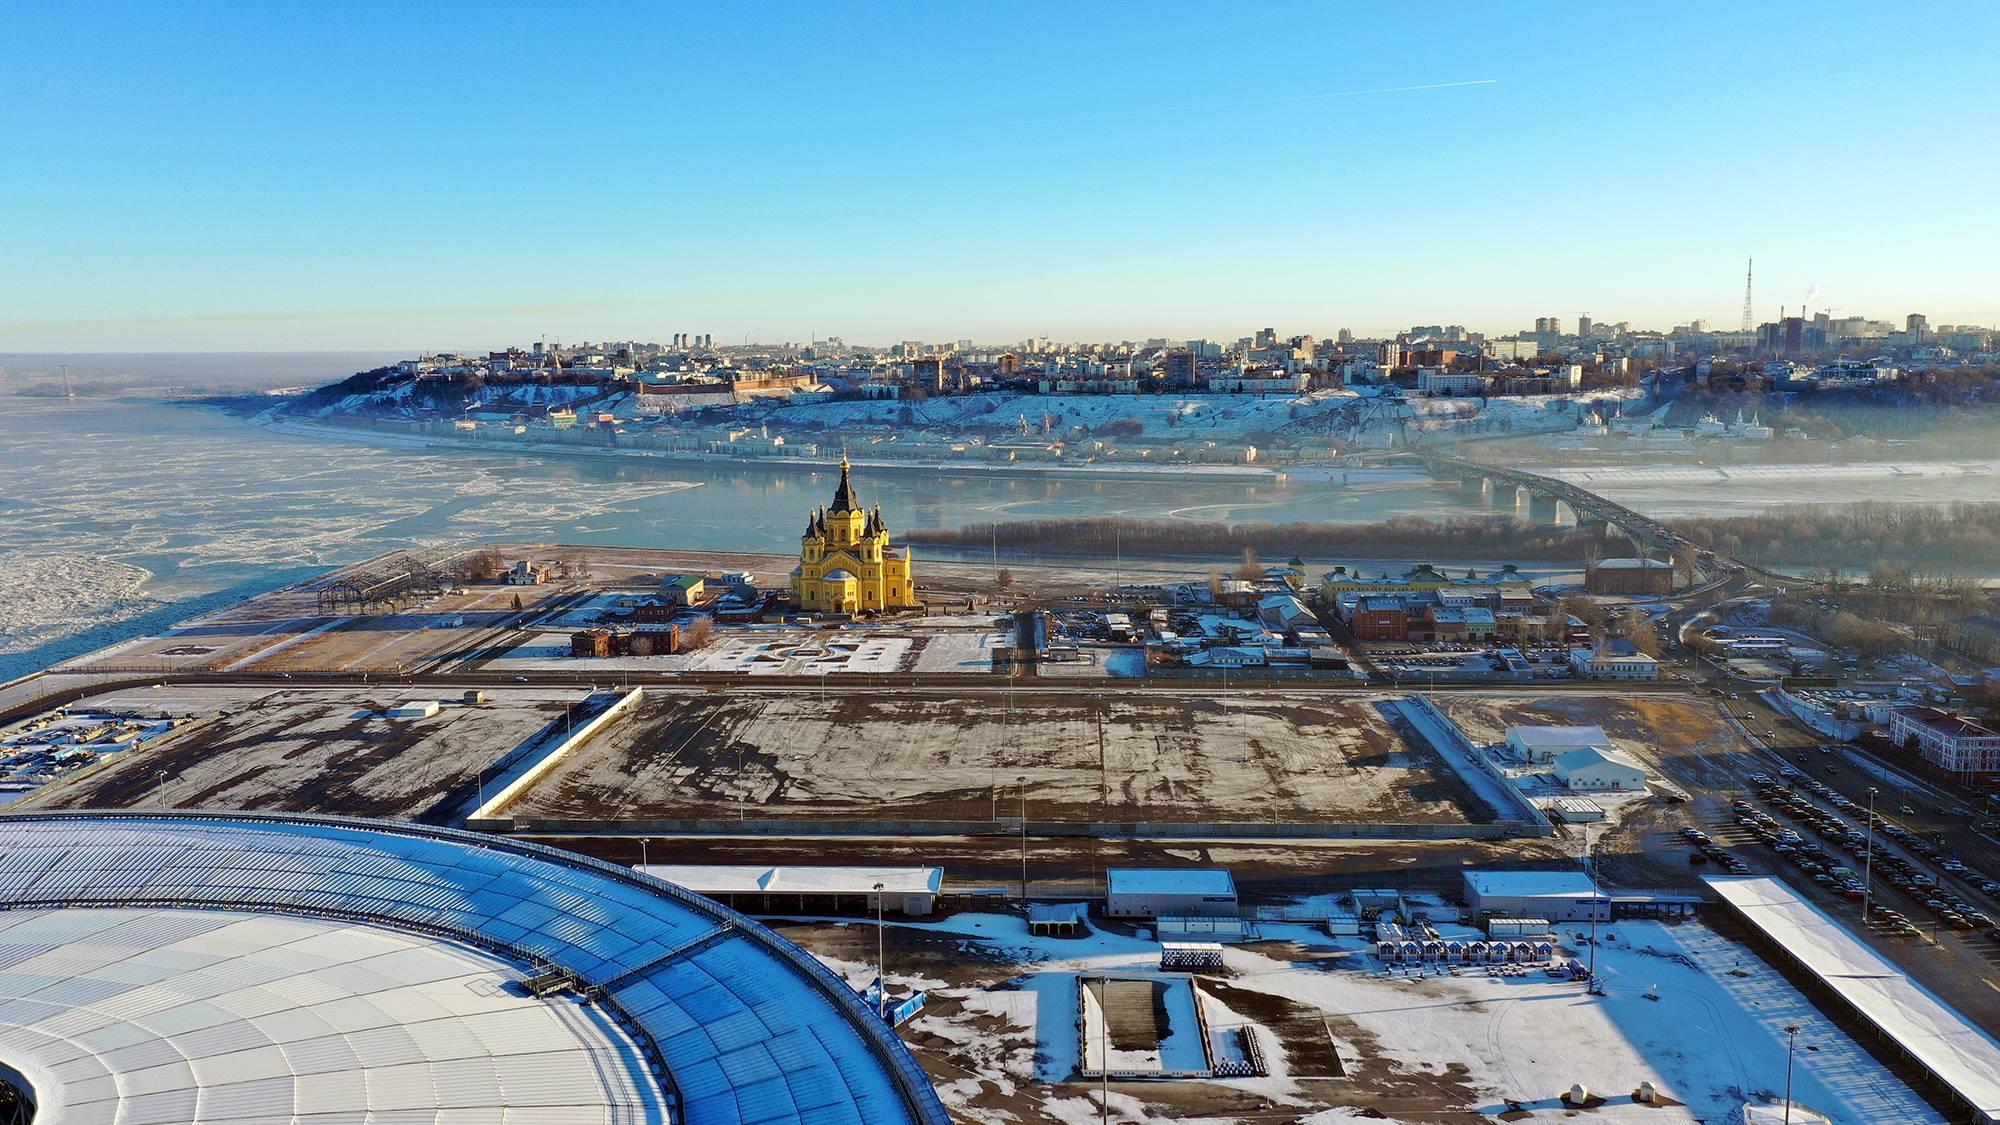 Нижний Новгород вошел в топ-20 перспективных российских городов для гостиничного бизнеса